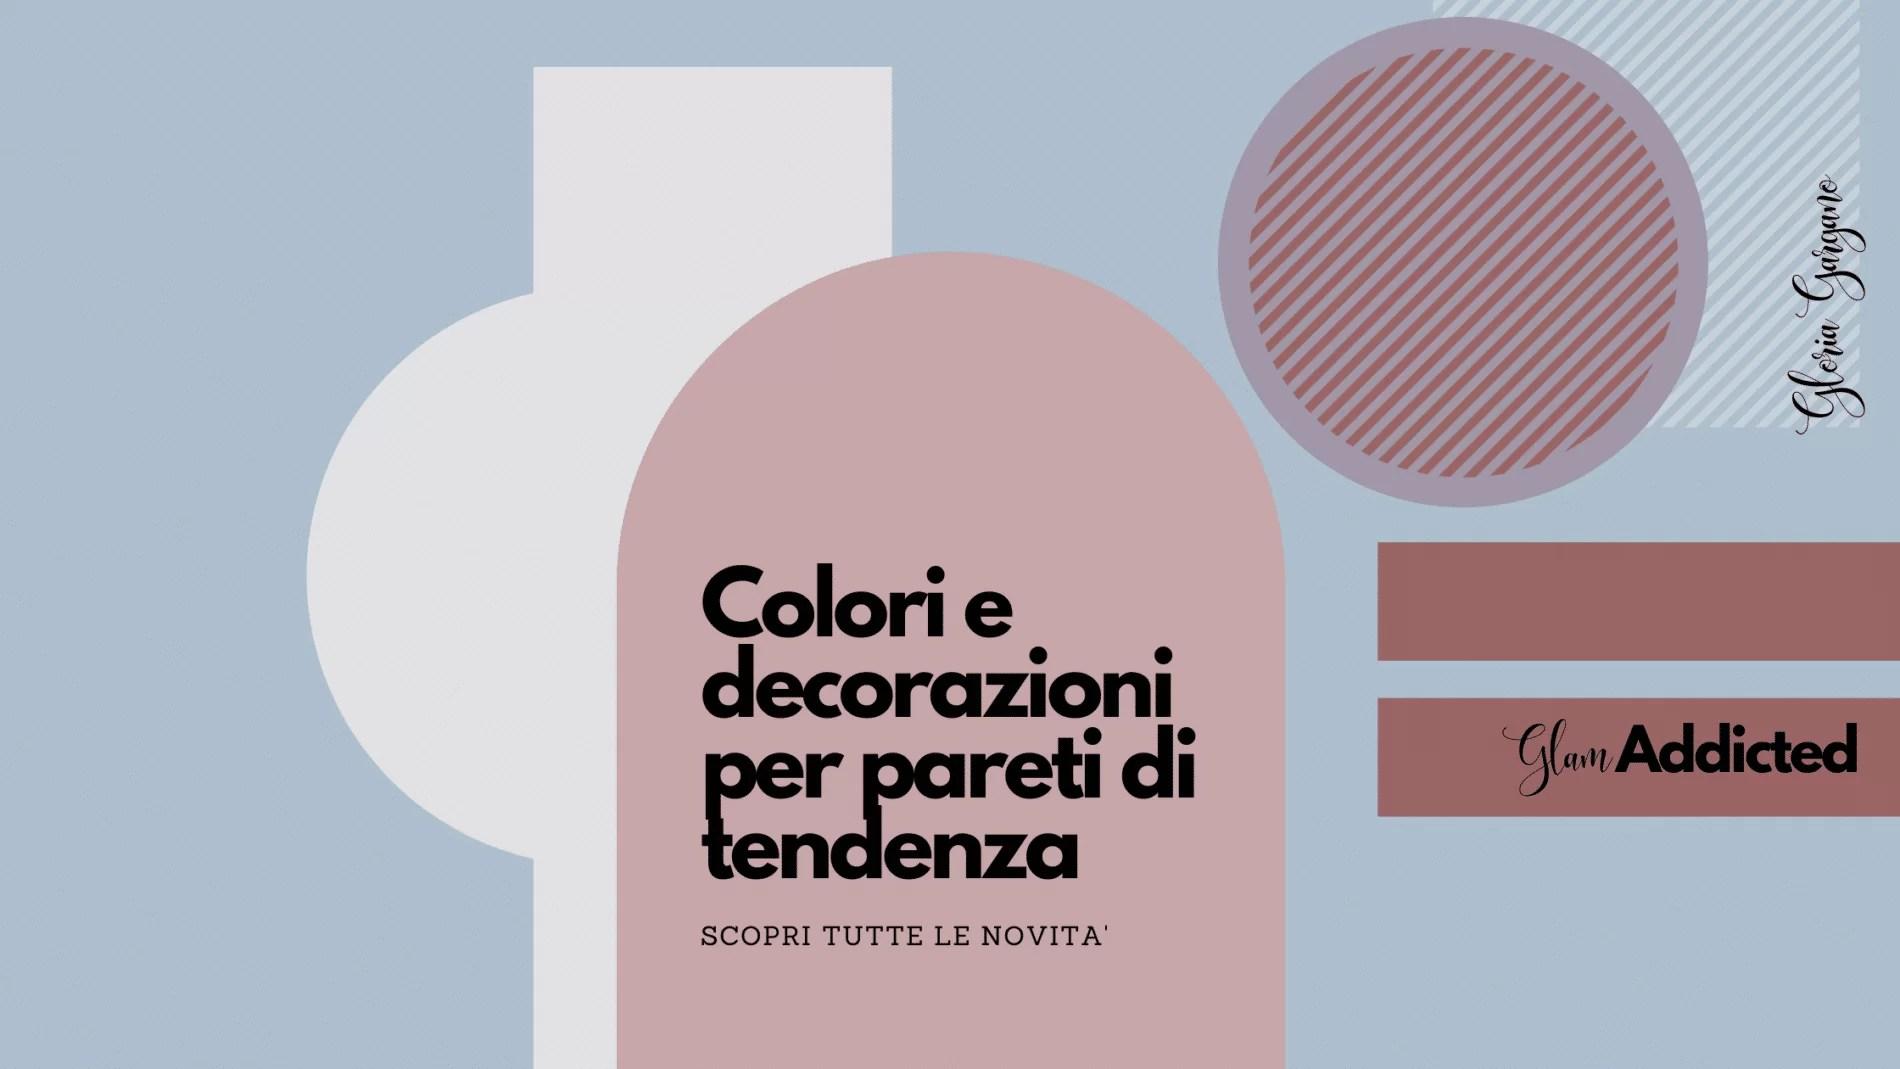 Scopri come puoi decorare la tua cosa, quanto ti costa e come risparmiare! Colori Per Pareti Tendenze 2020 21 Glamcasamagazine